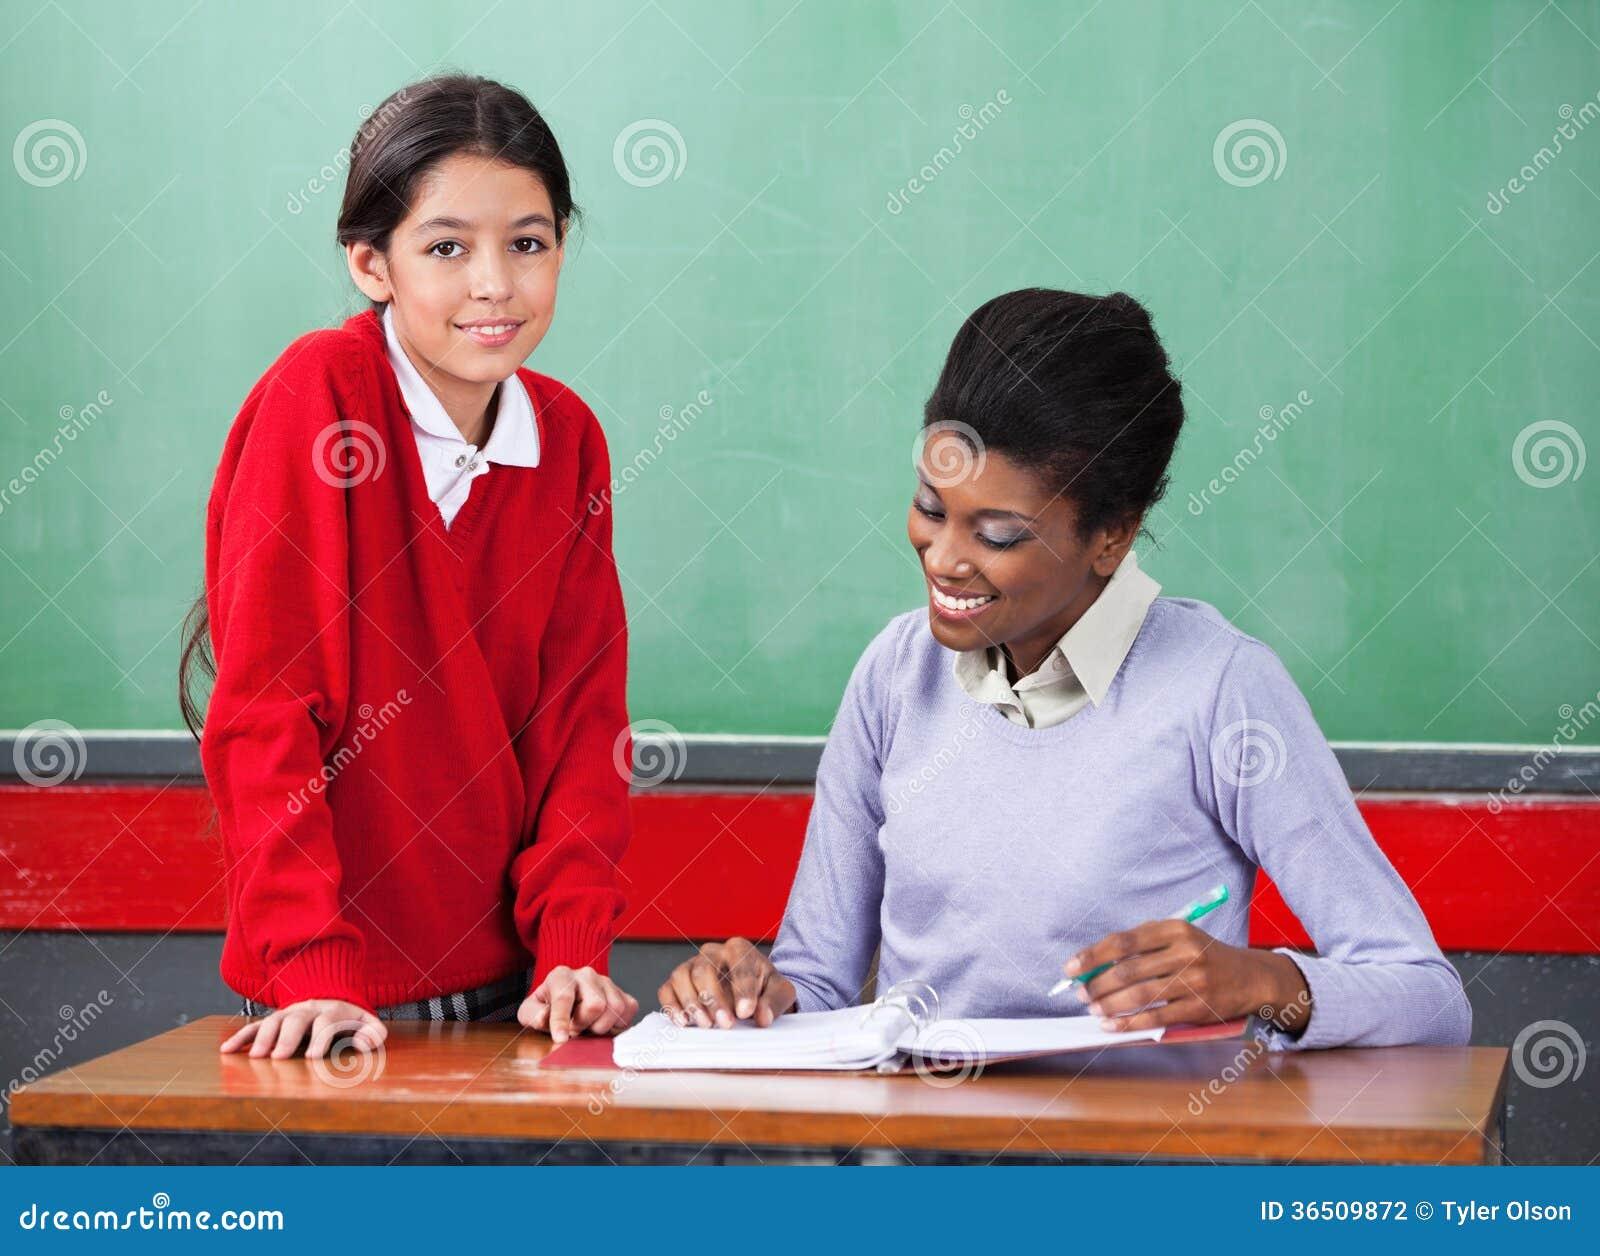 Portret van Schoolmeisje met Leraar Reading Binder